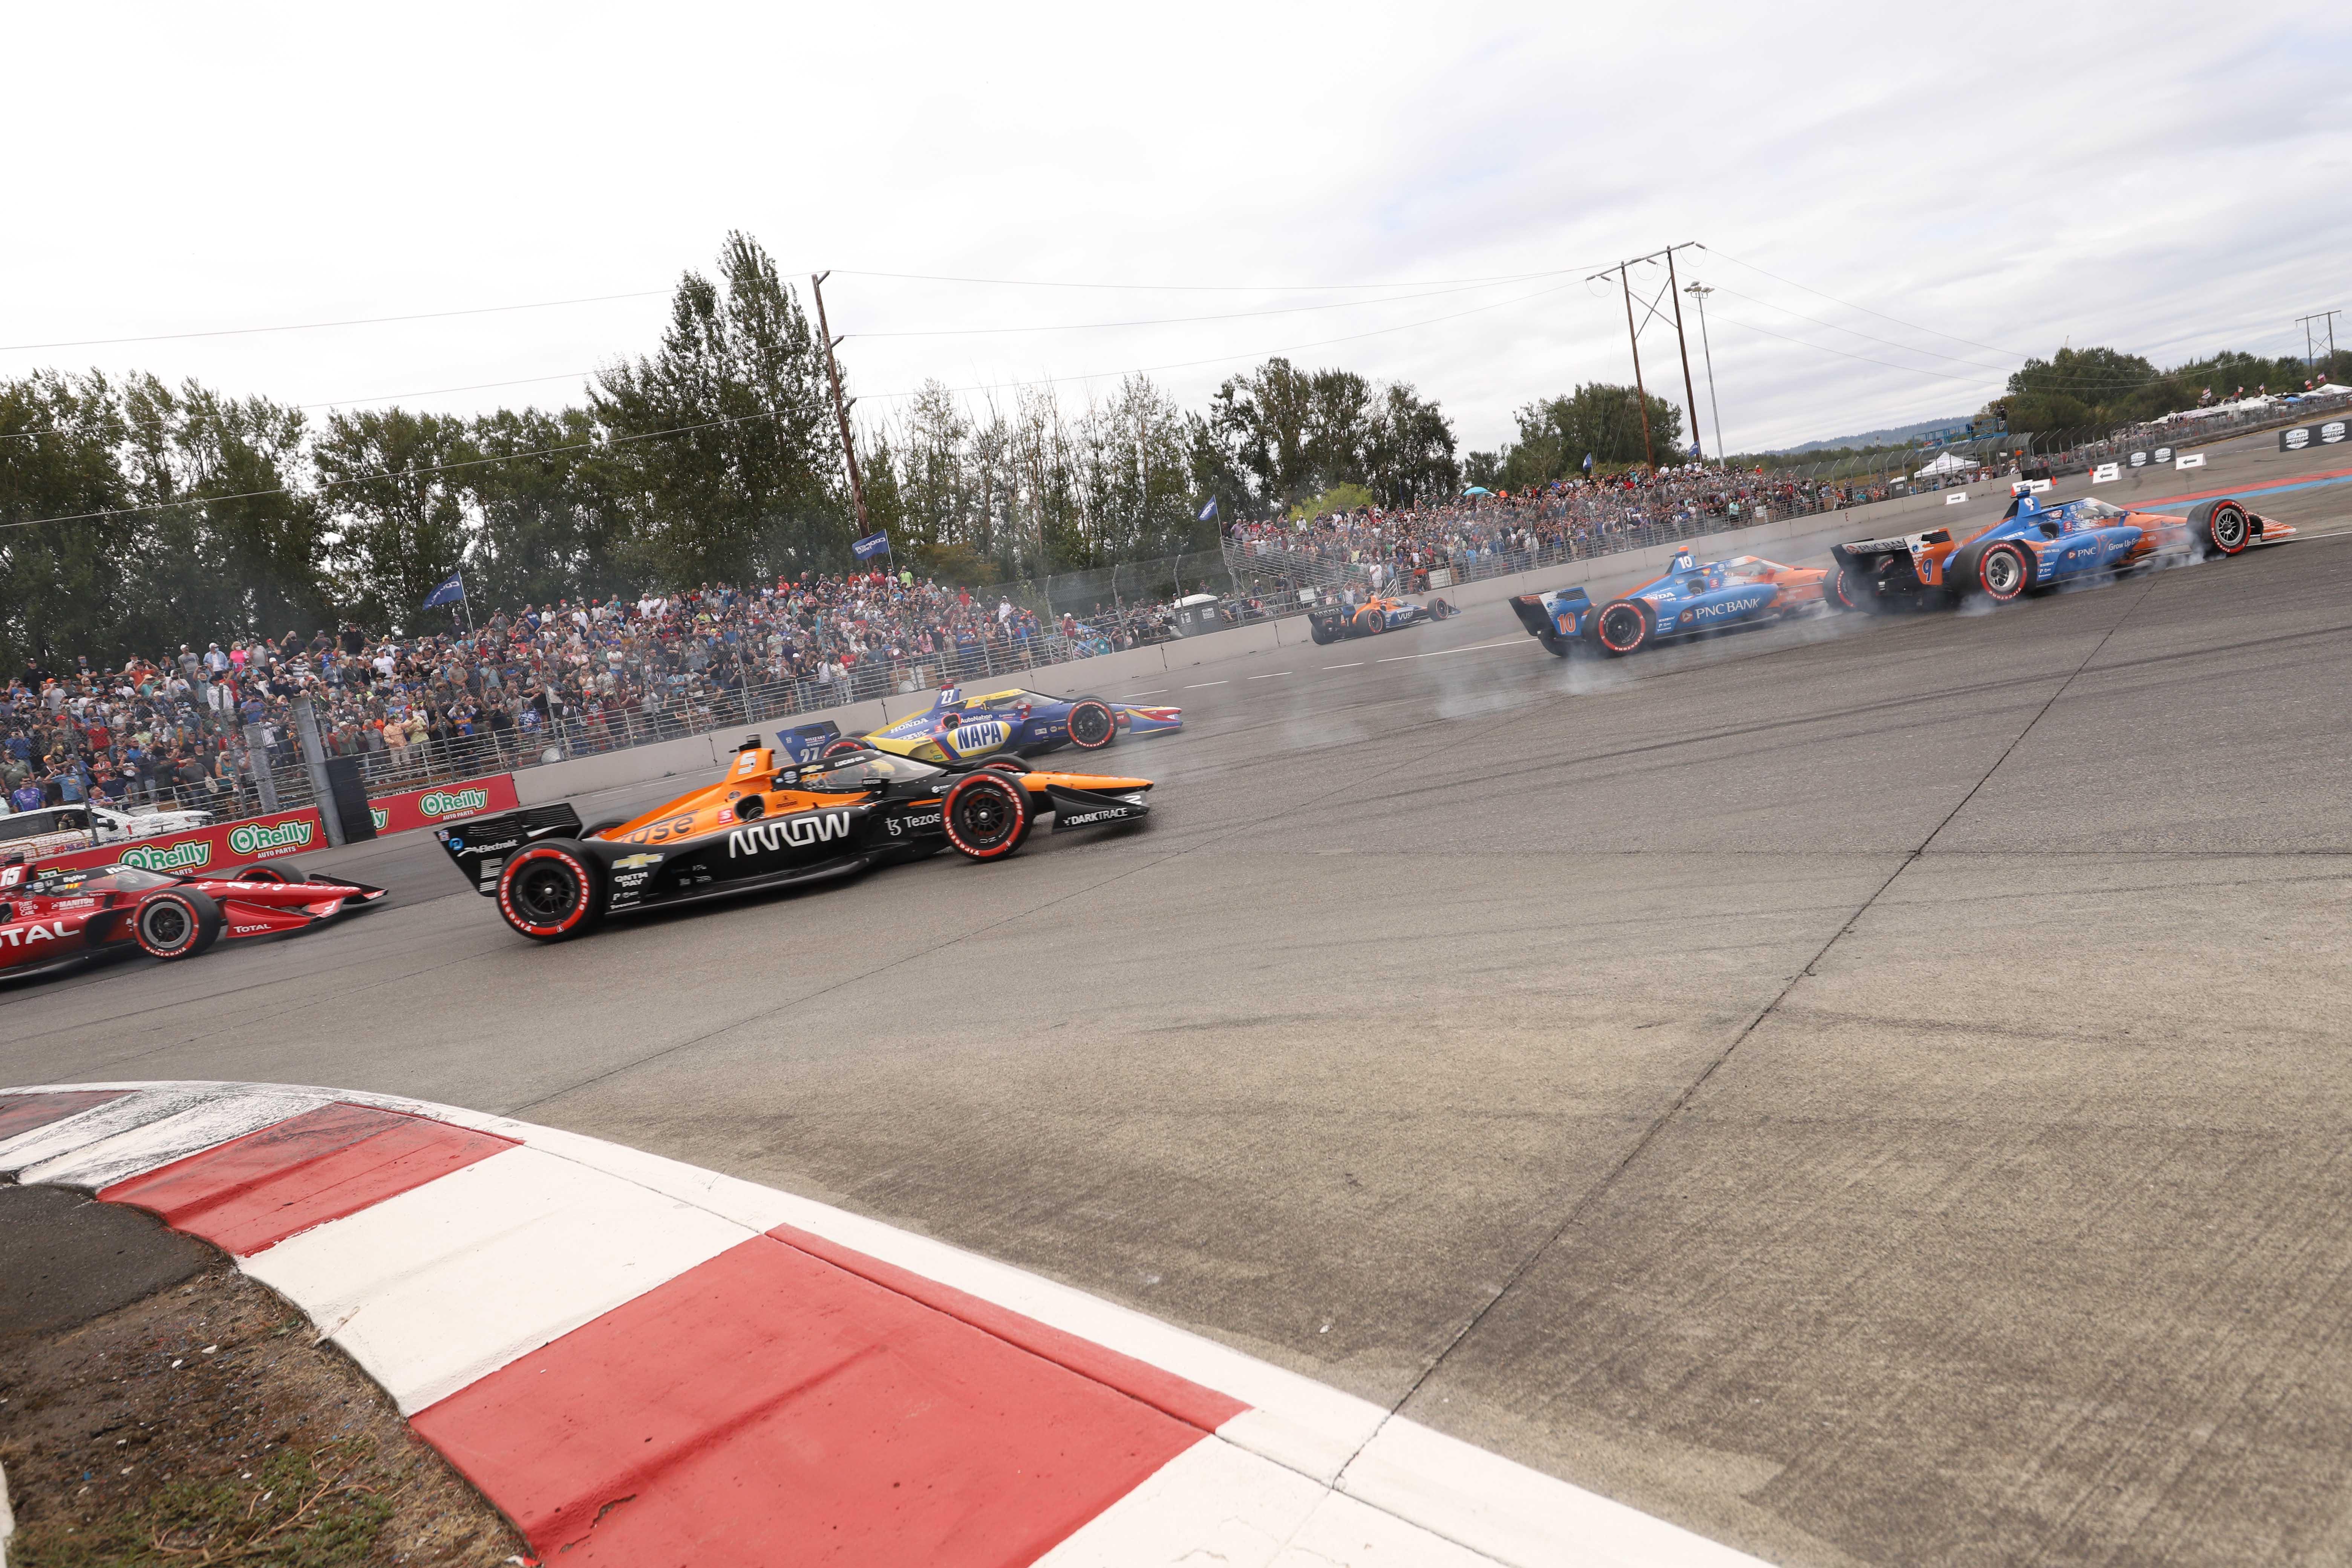 Portland International Raceway - Crash - Indycar Series